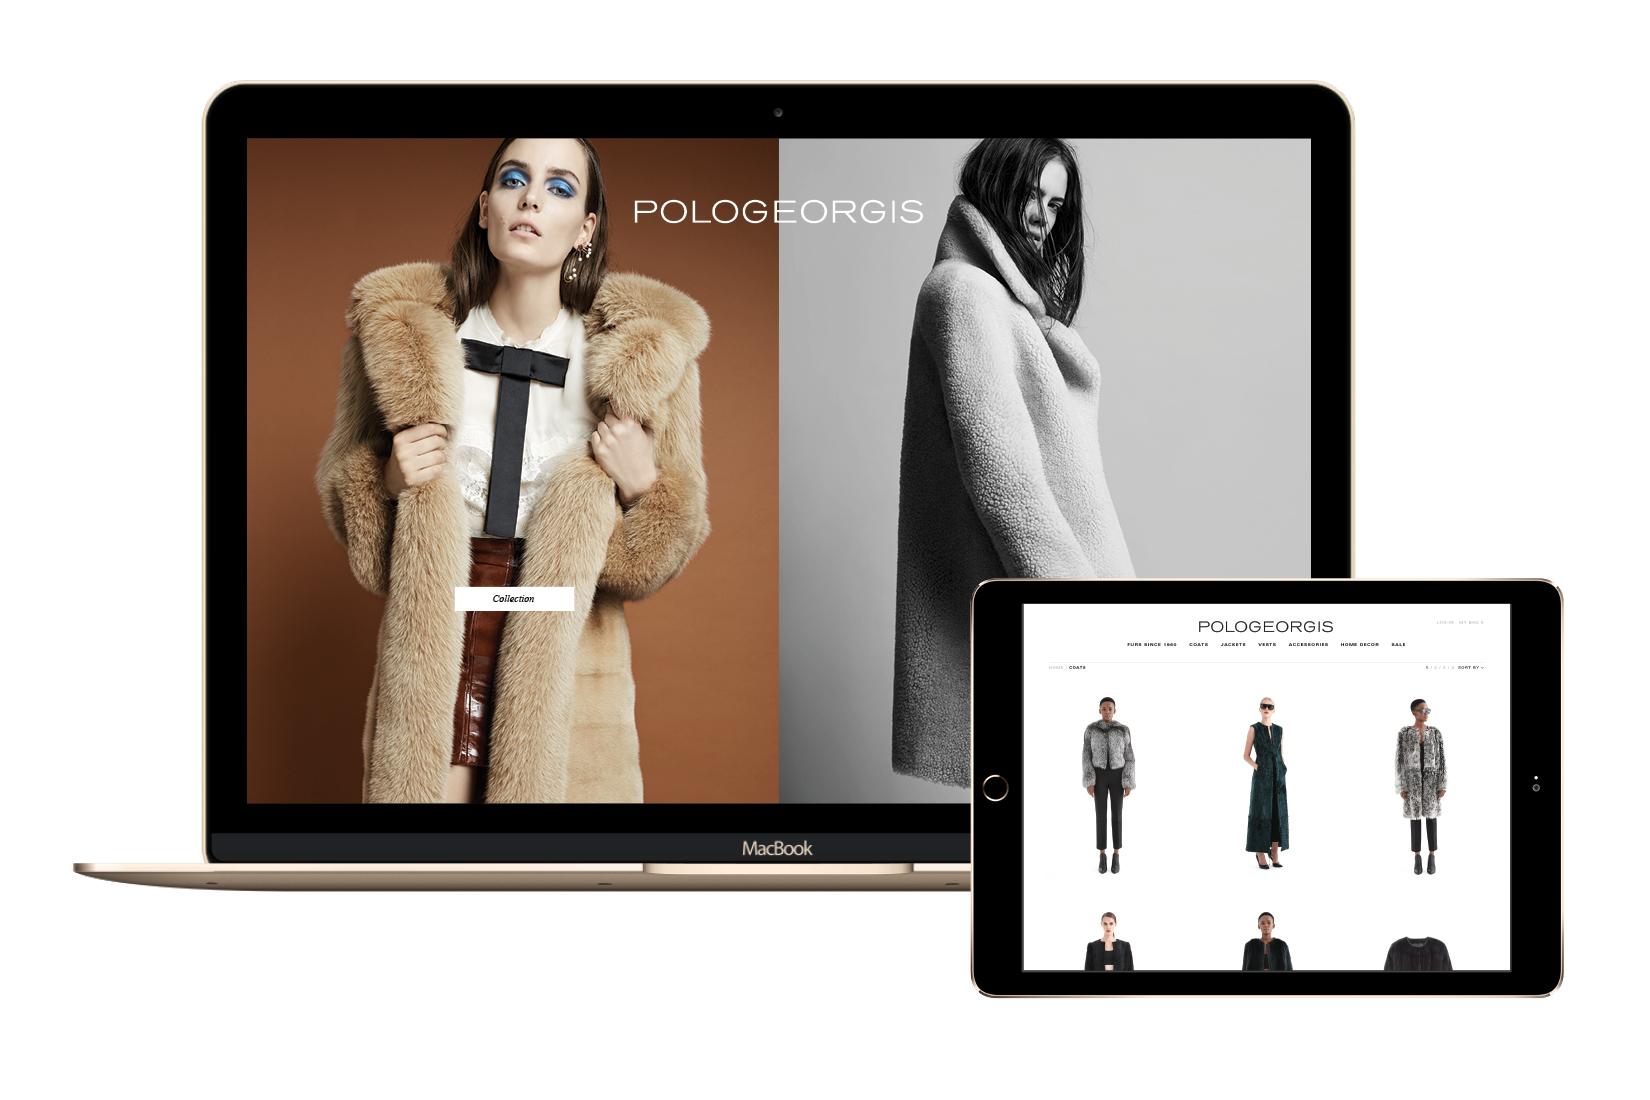 2016 online e-commerce website for Pologeorgis by DTE Studio.